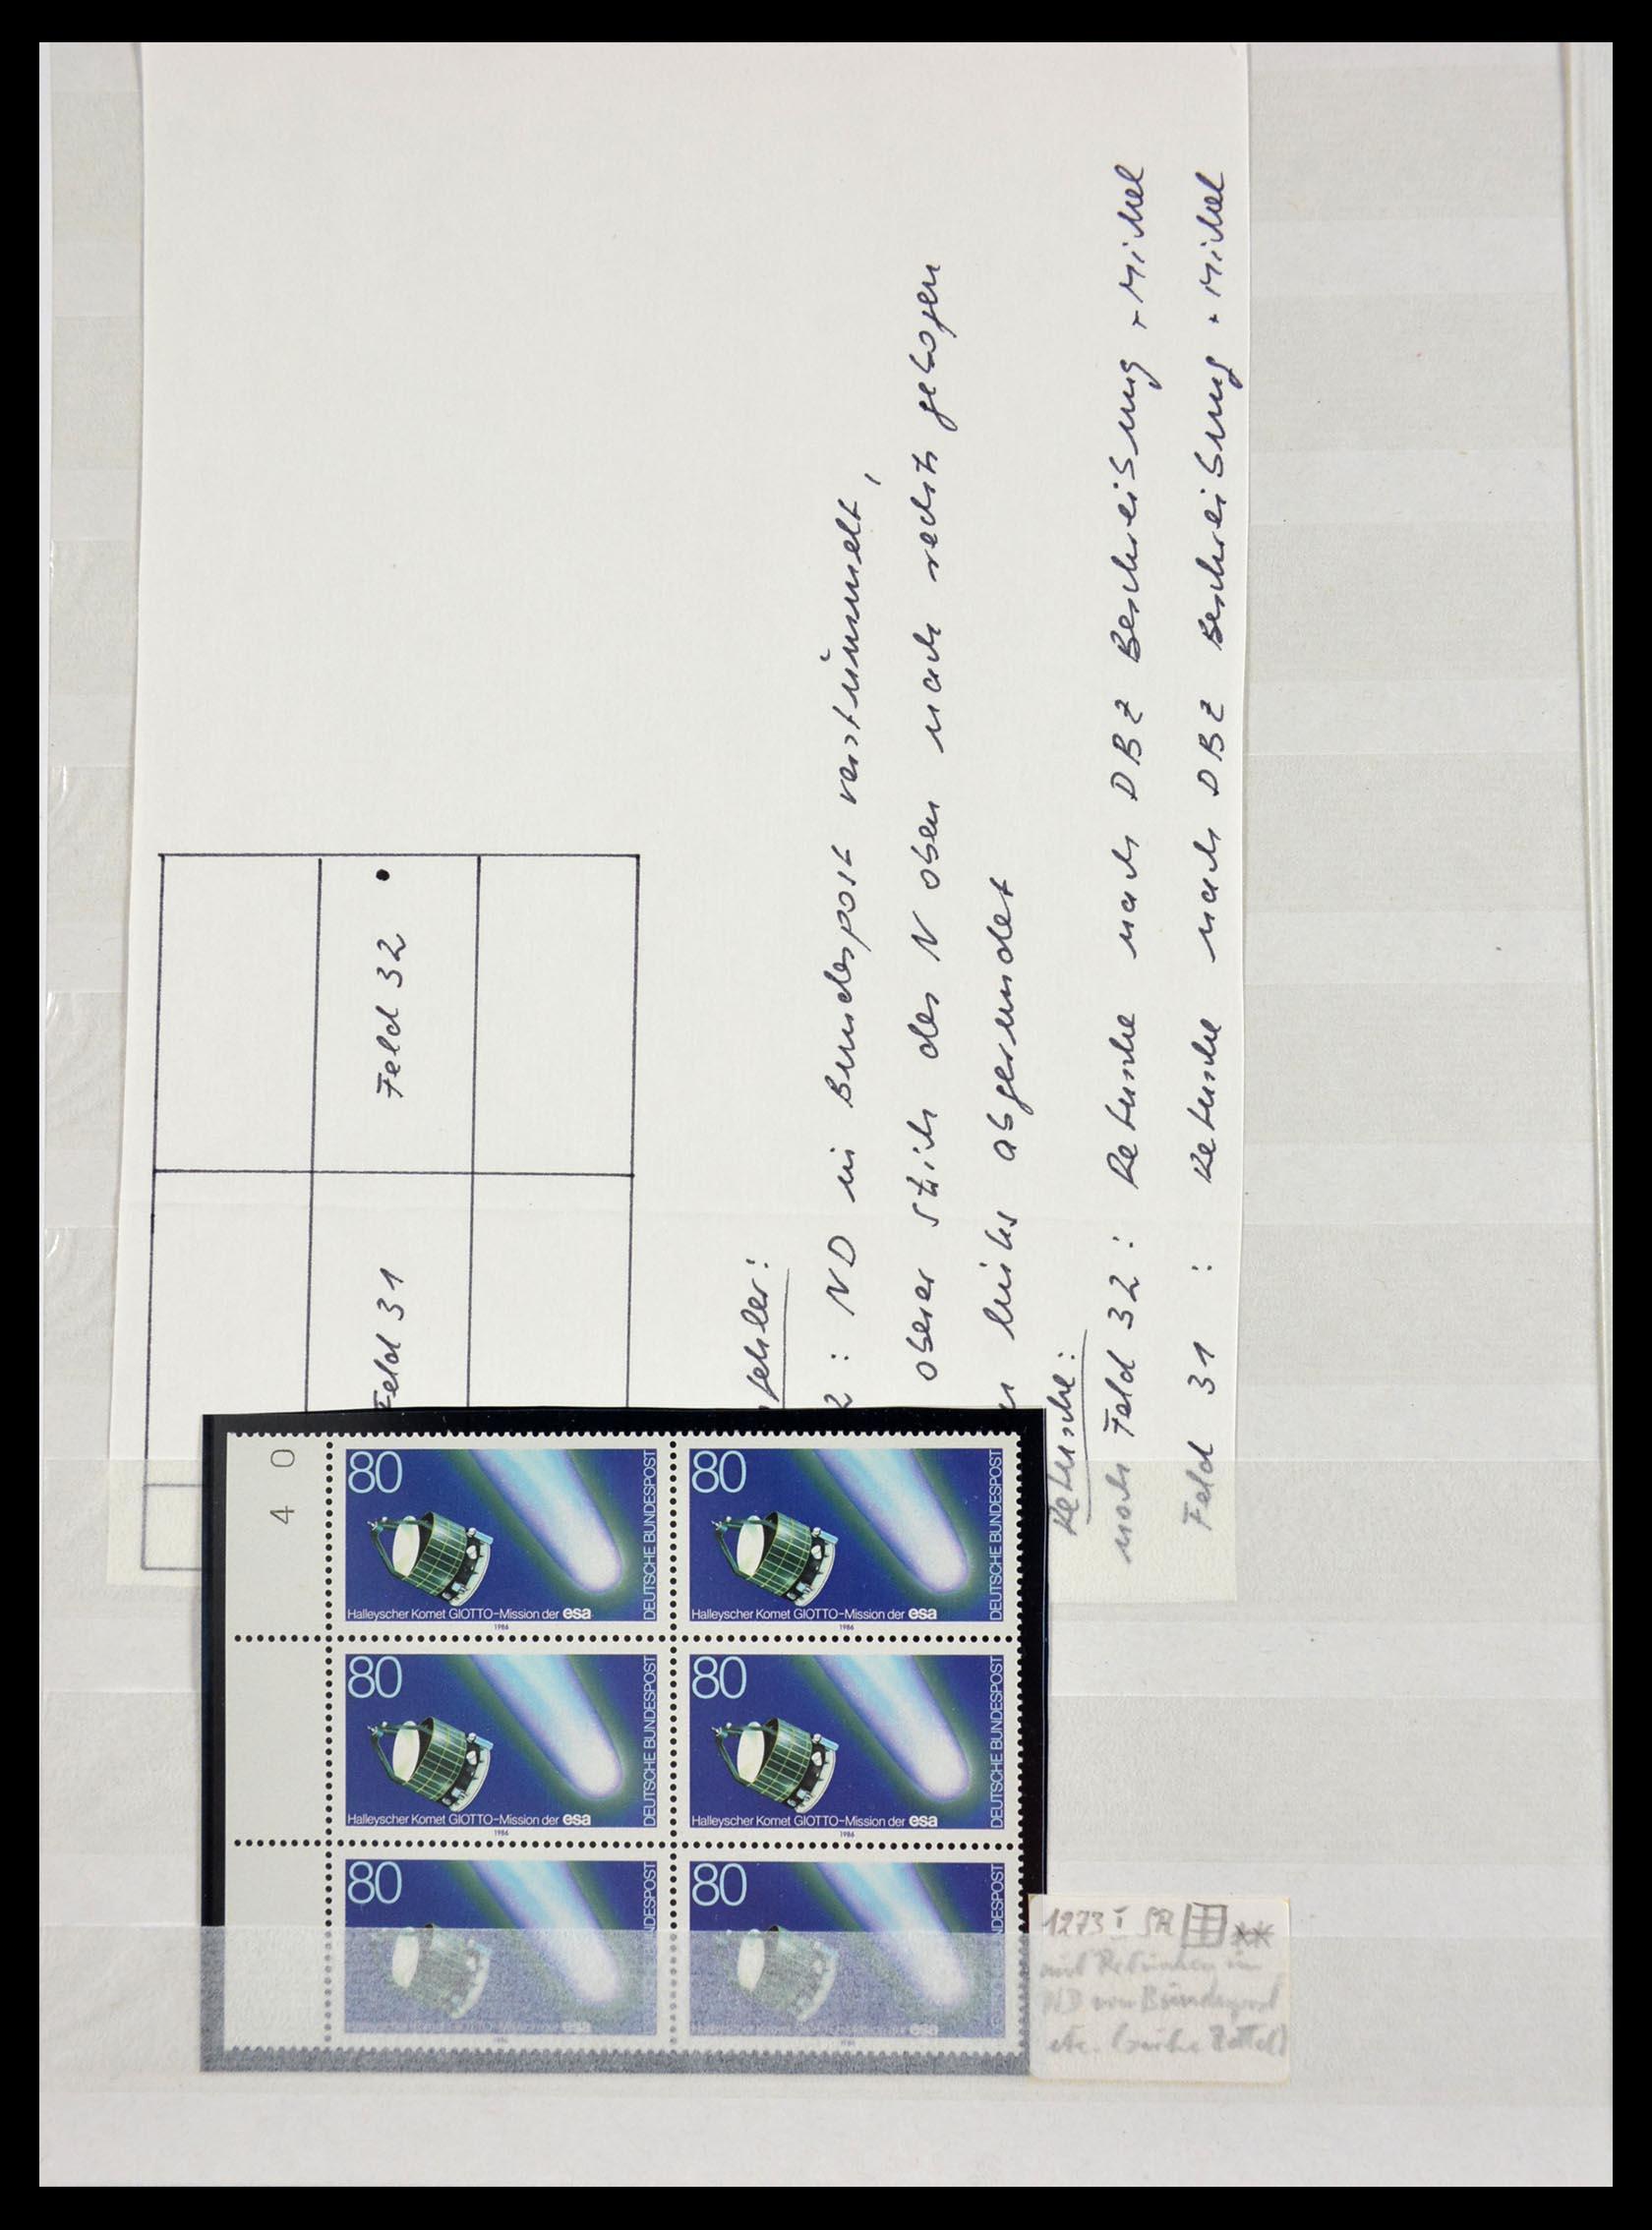 29491 010 - 29491 Bundespost plateflaws 1957-1994.